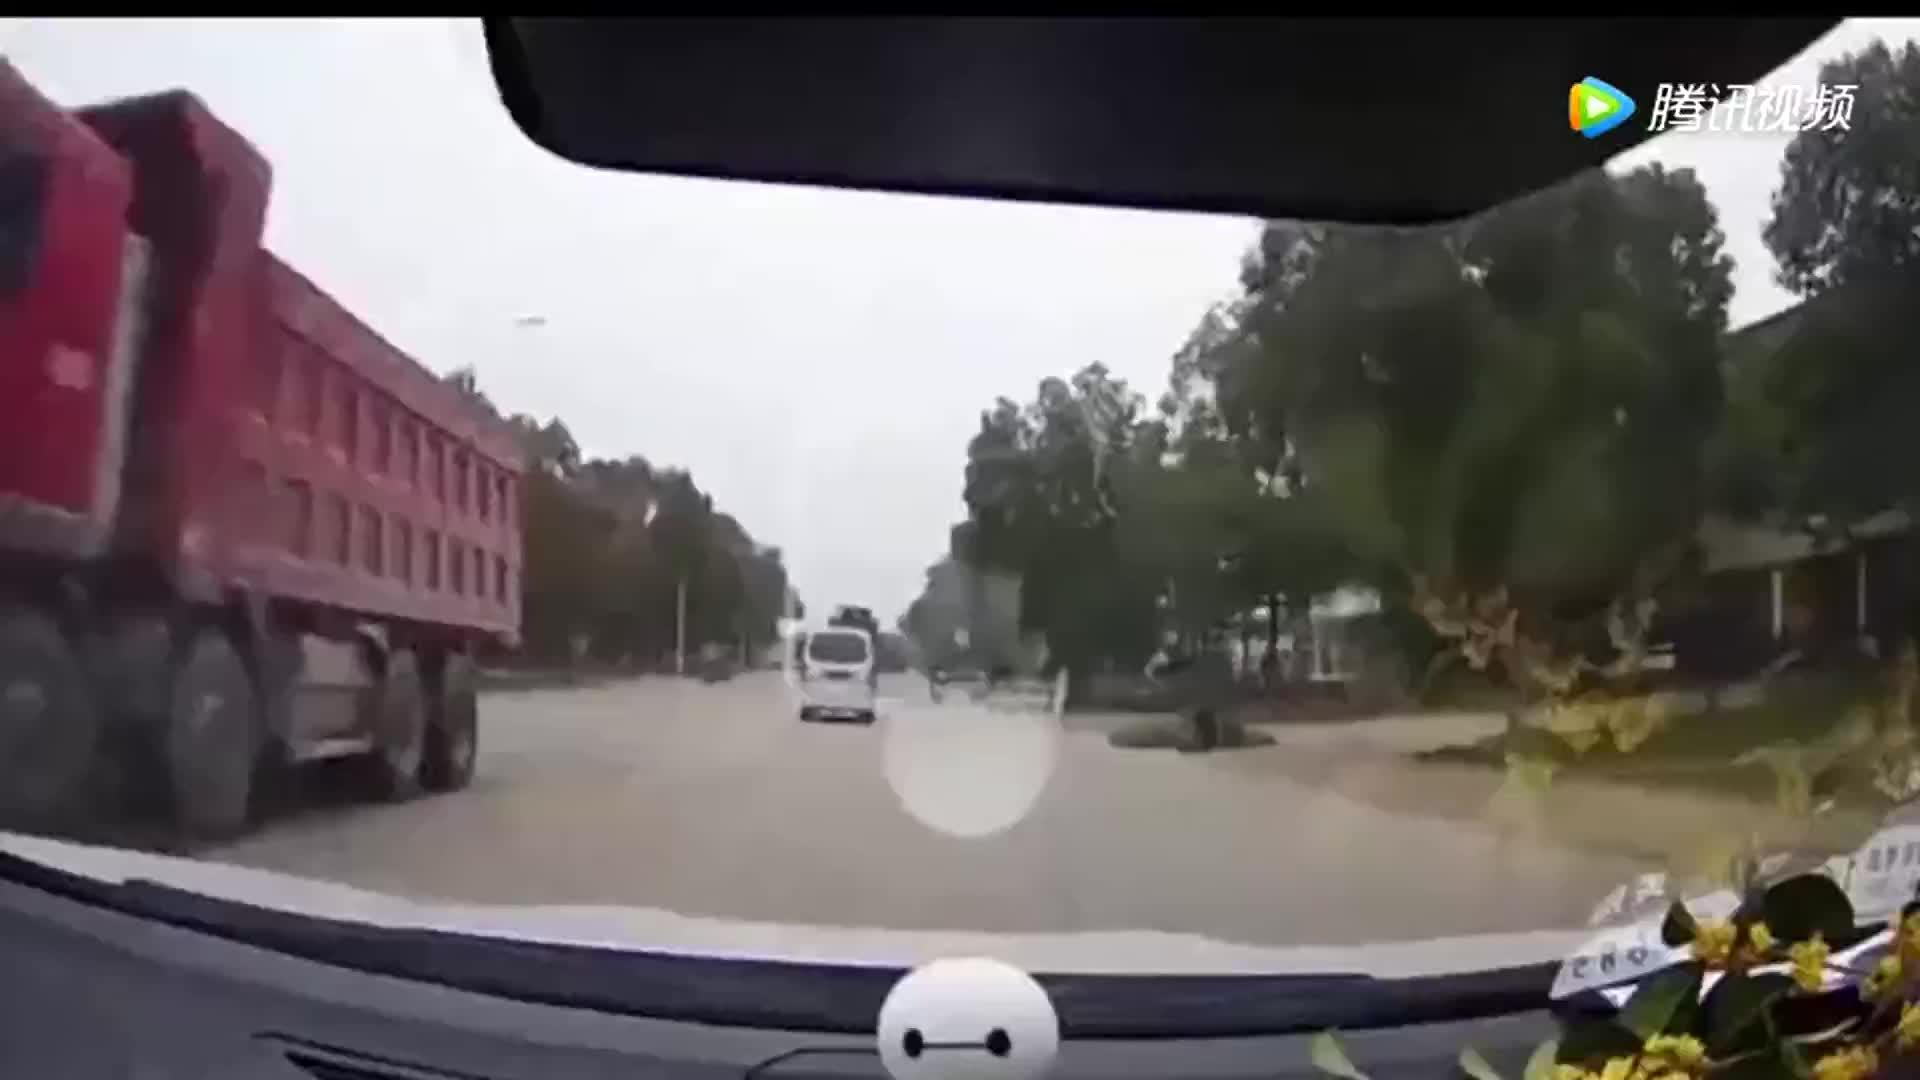 骑电动车非要强行变道,差点一起见阎王